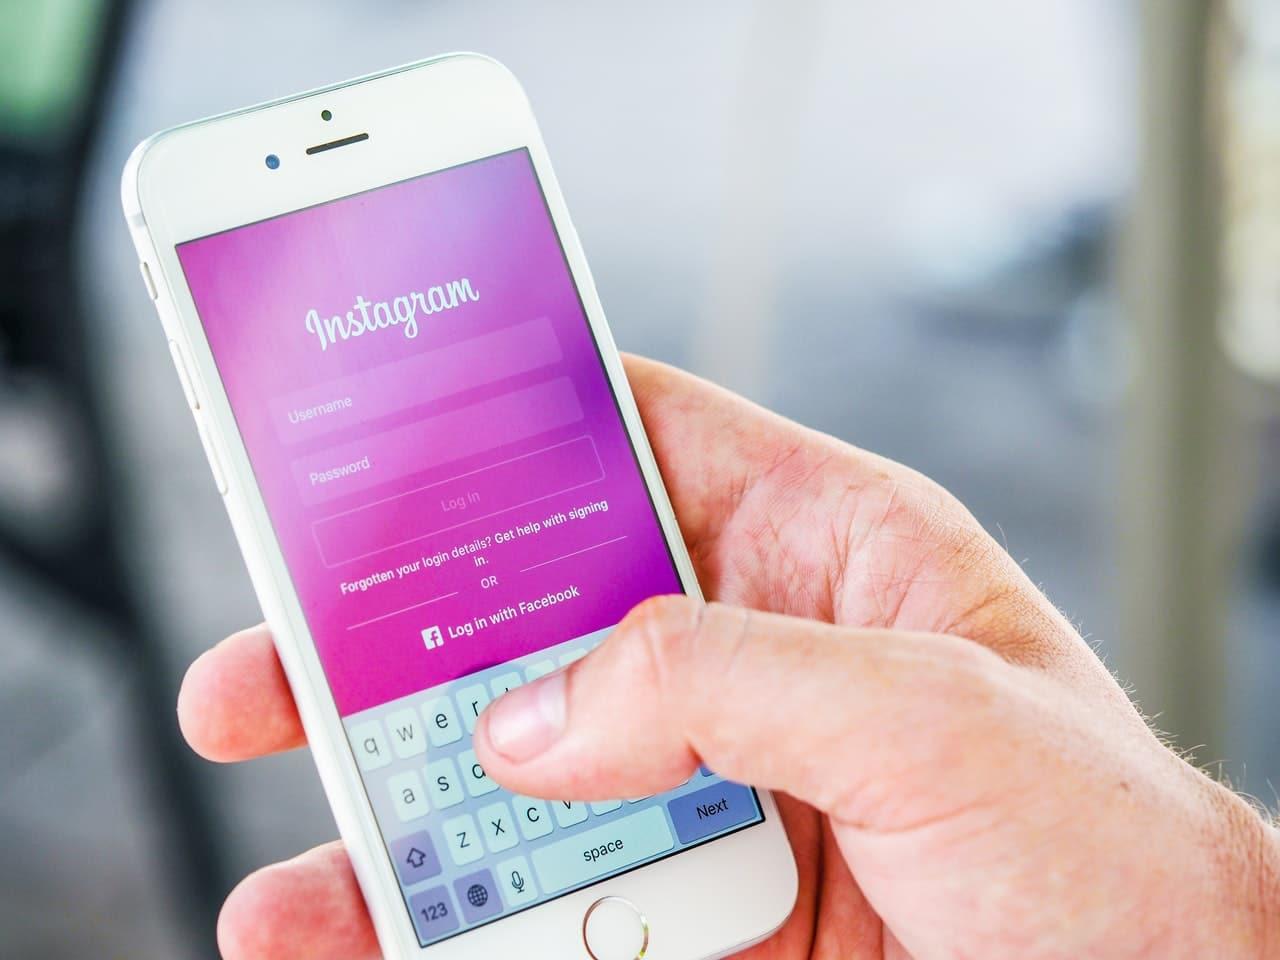 Instavast Instagram Marketing Tools Article Image